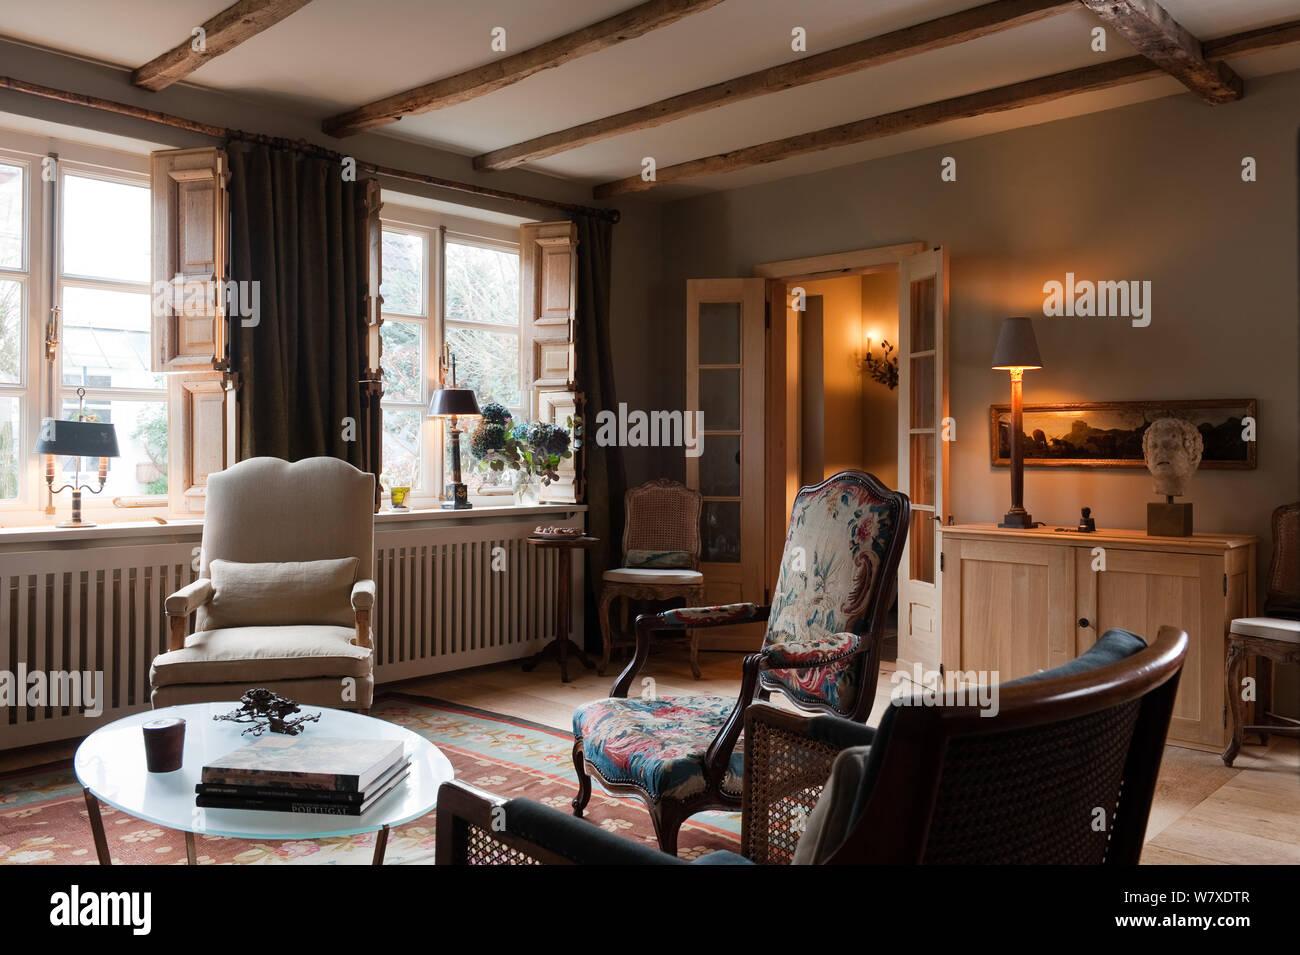 Sessel Im Landhausstil Wohnzimmer Stockfotografie Alamy